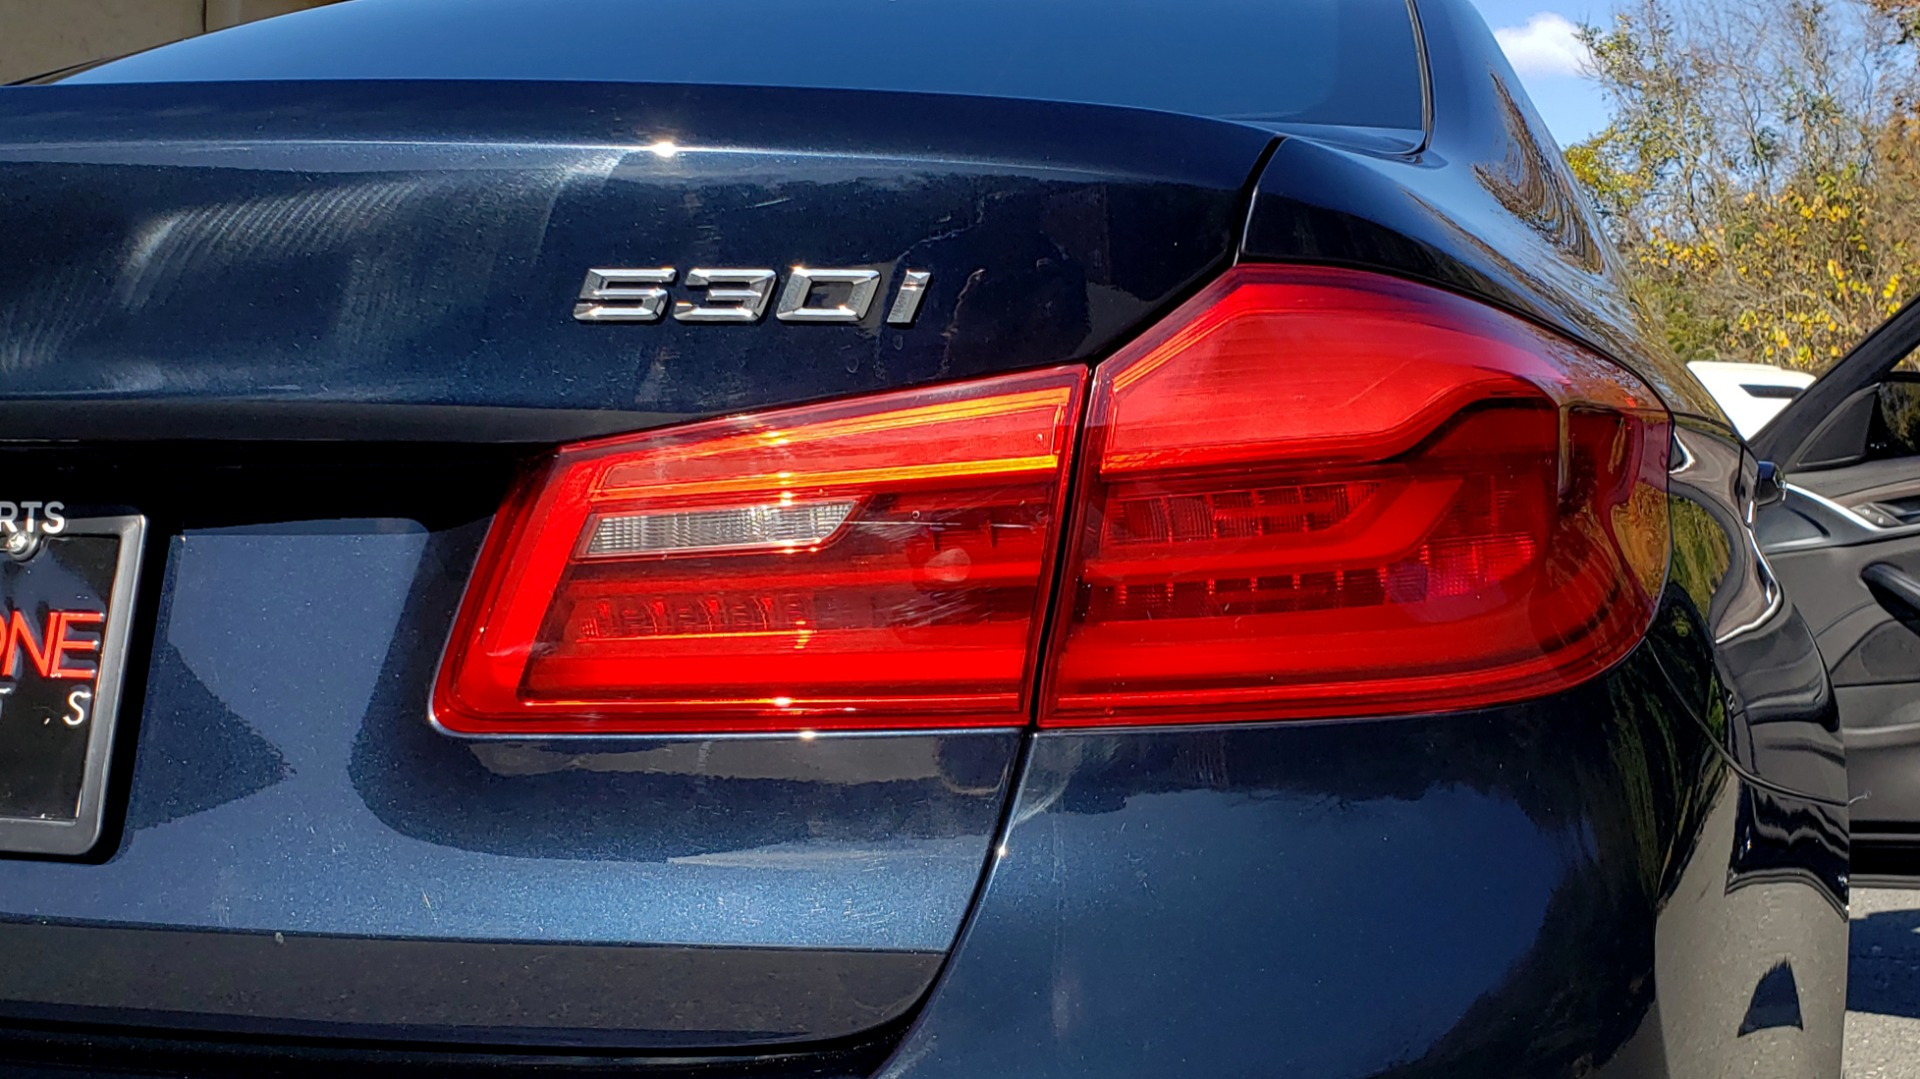 Used 2017 BMW 5 SERIES 530I M-SPORT / PREM PKG / DRVR ASST / HUD / NAV / REARVIEW for sale $33,995 at Formula Imports in Charlotte NC 28227 27